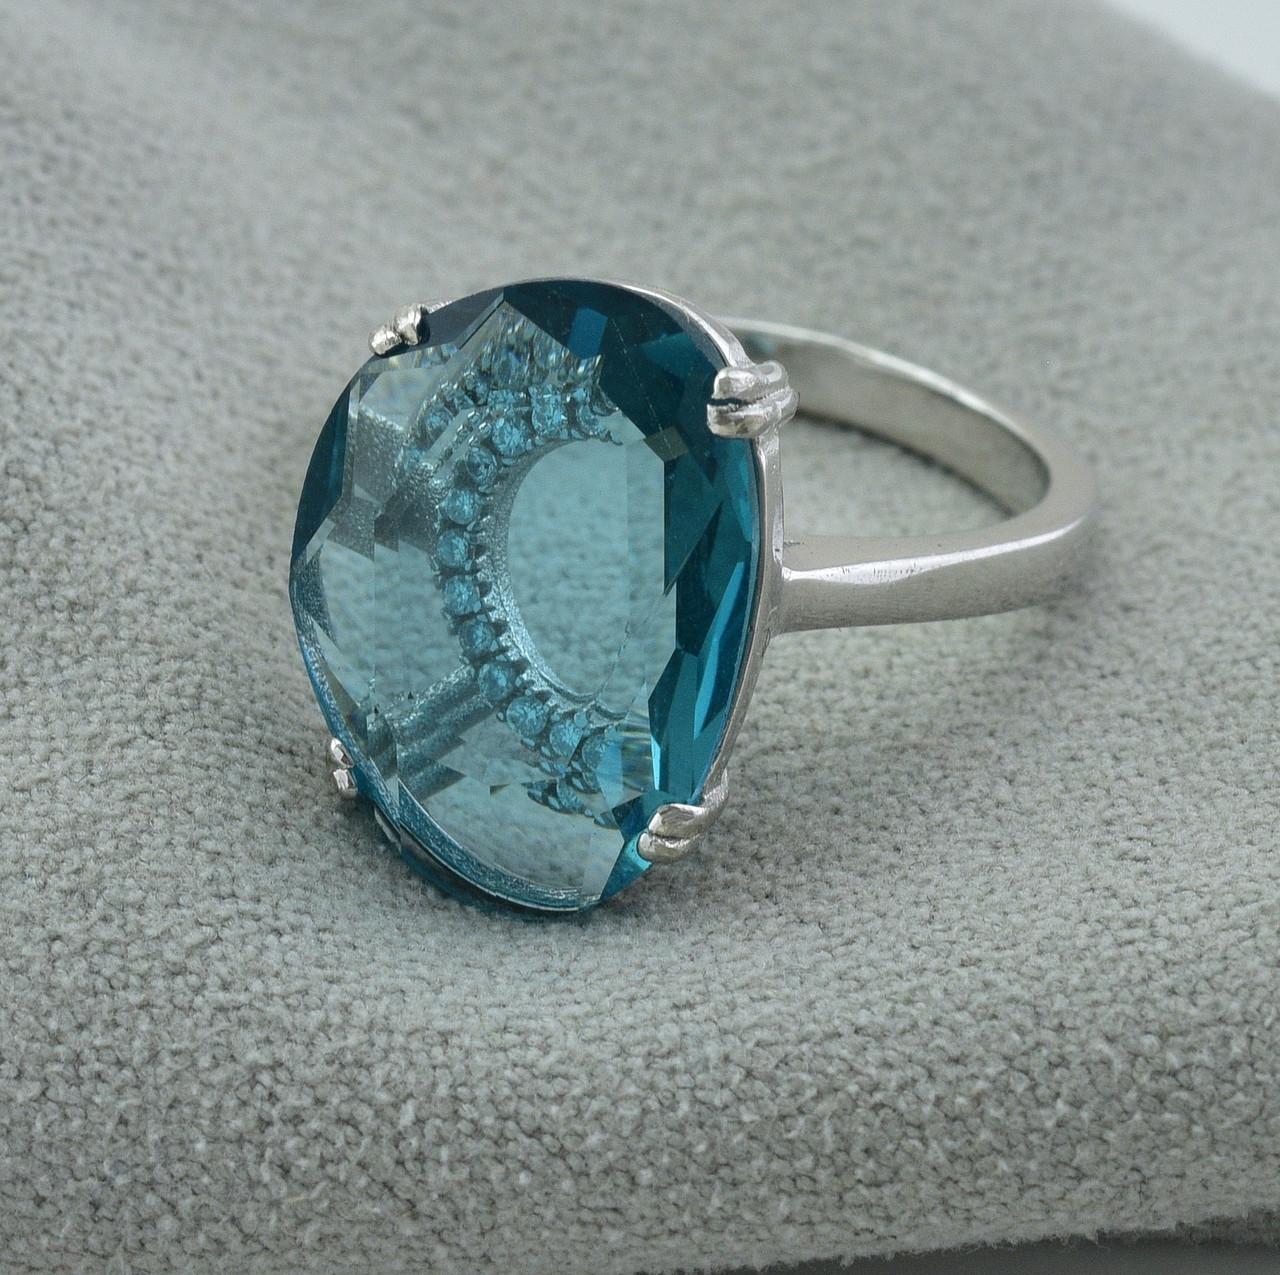 Серебряное кольцо размер 16.5 вставка лазурные фианиты вес 4 г